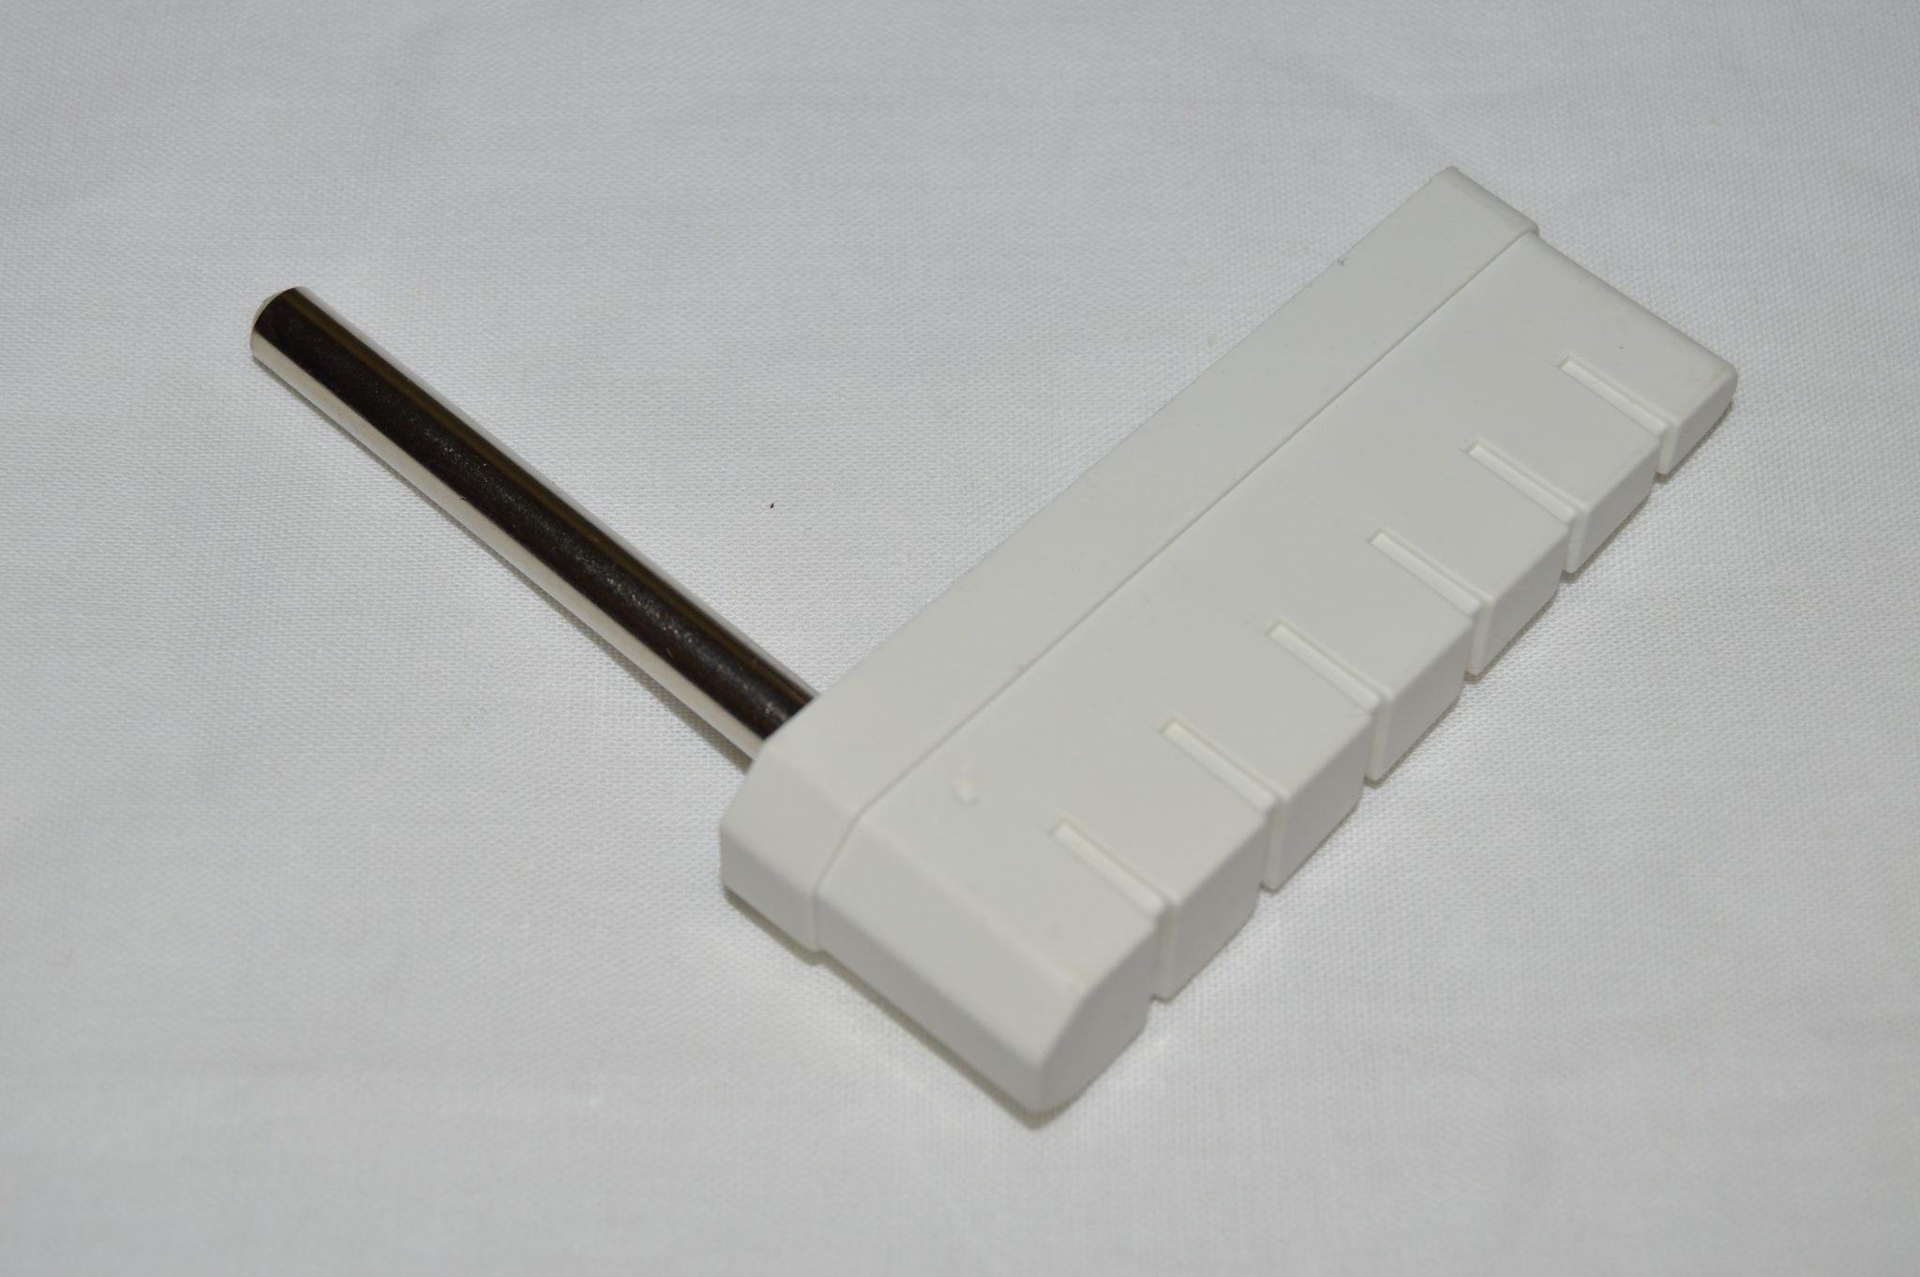 Segmented Flipper White Bat w/Shaft 20-9592-5